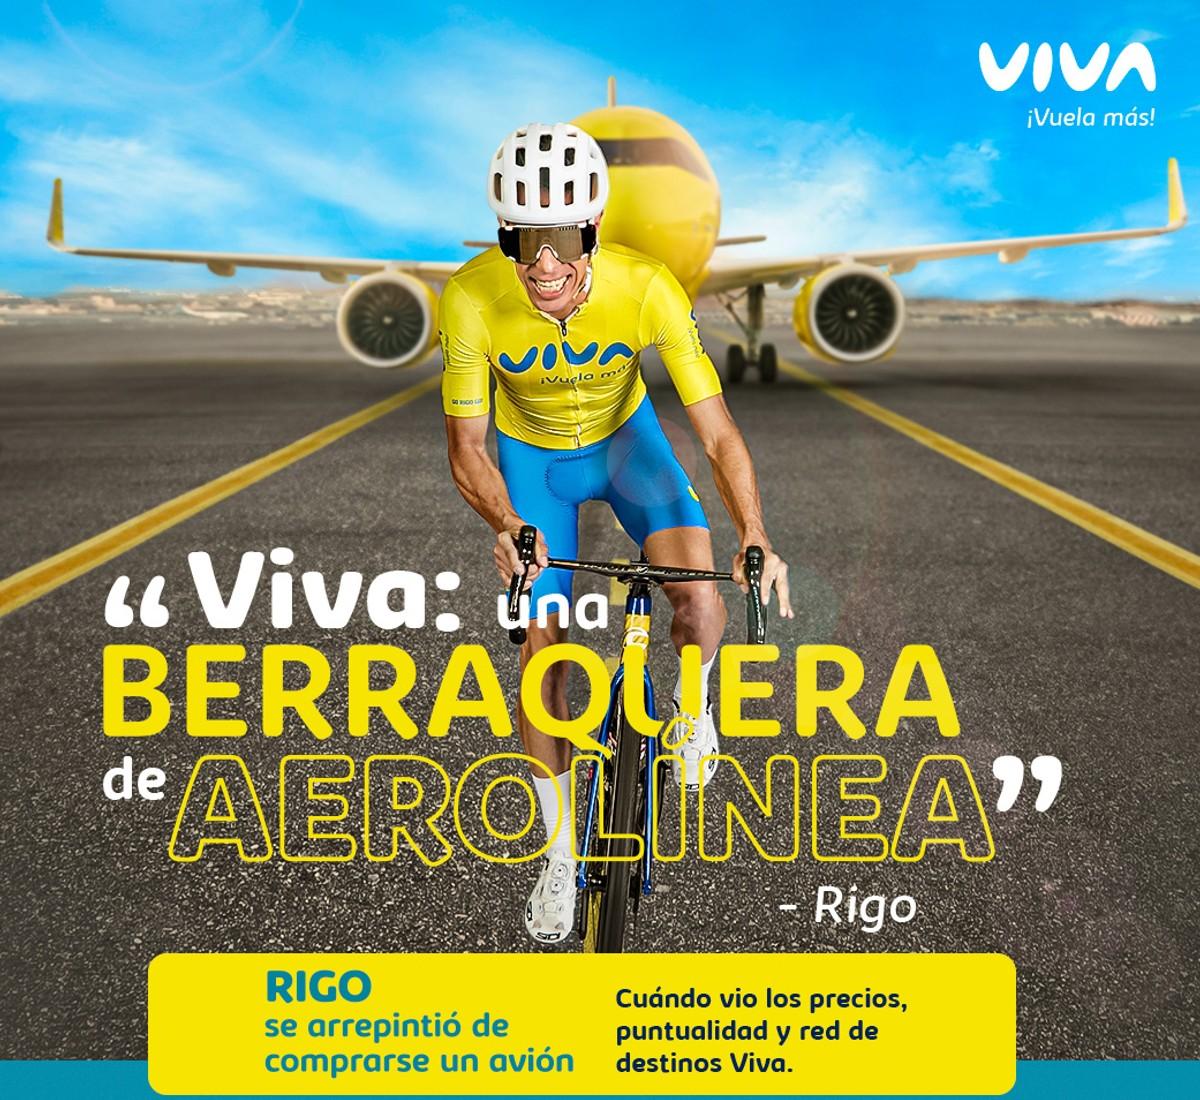 Rigoberto Urán se convierte en nuevo embajador de la aerolínea Viva –  Revista Mundo Ciclístico